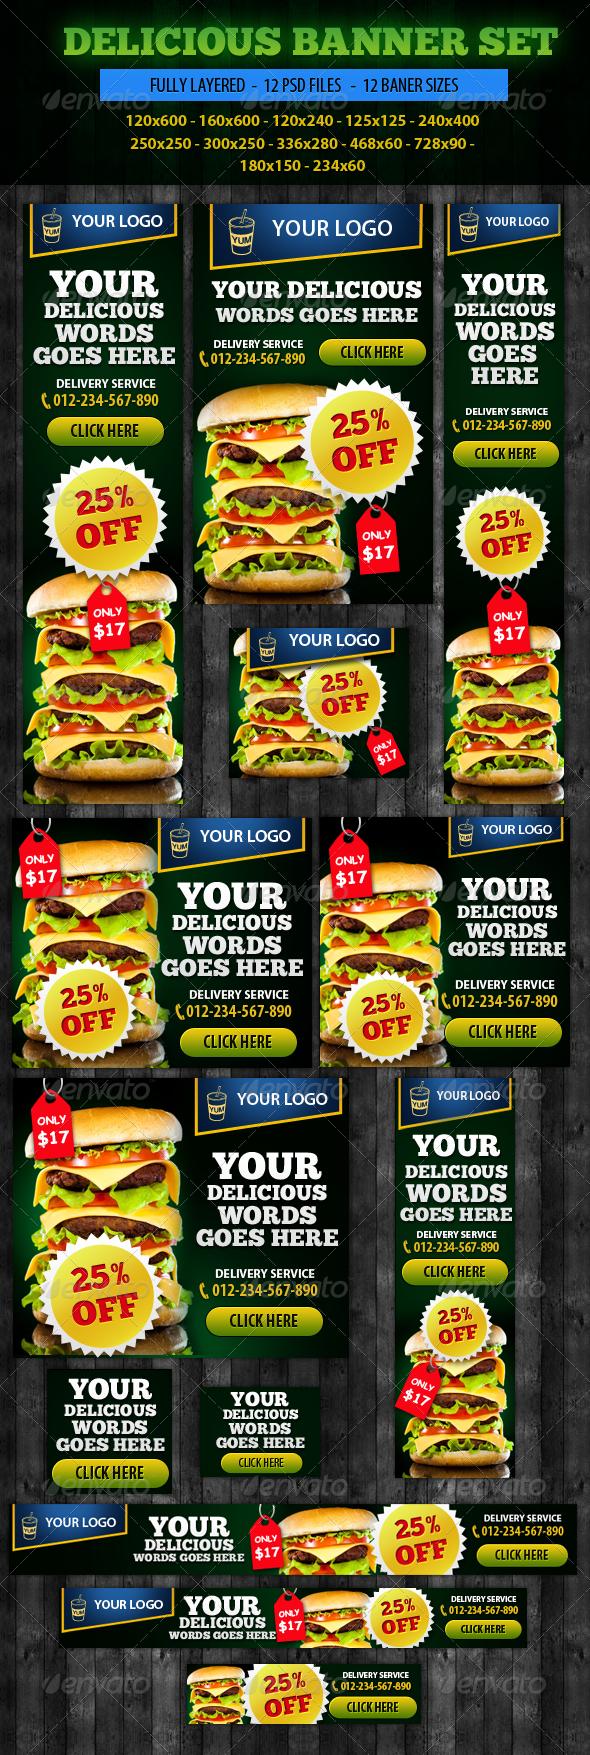 GraphicRiver Delicious Banner ad Design 5103879